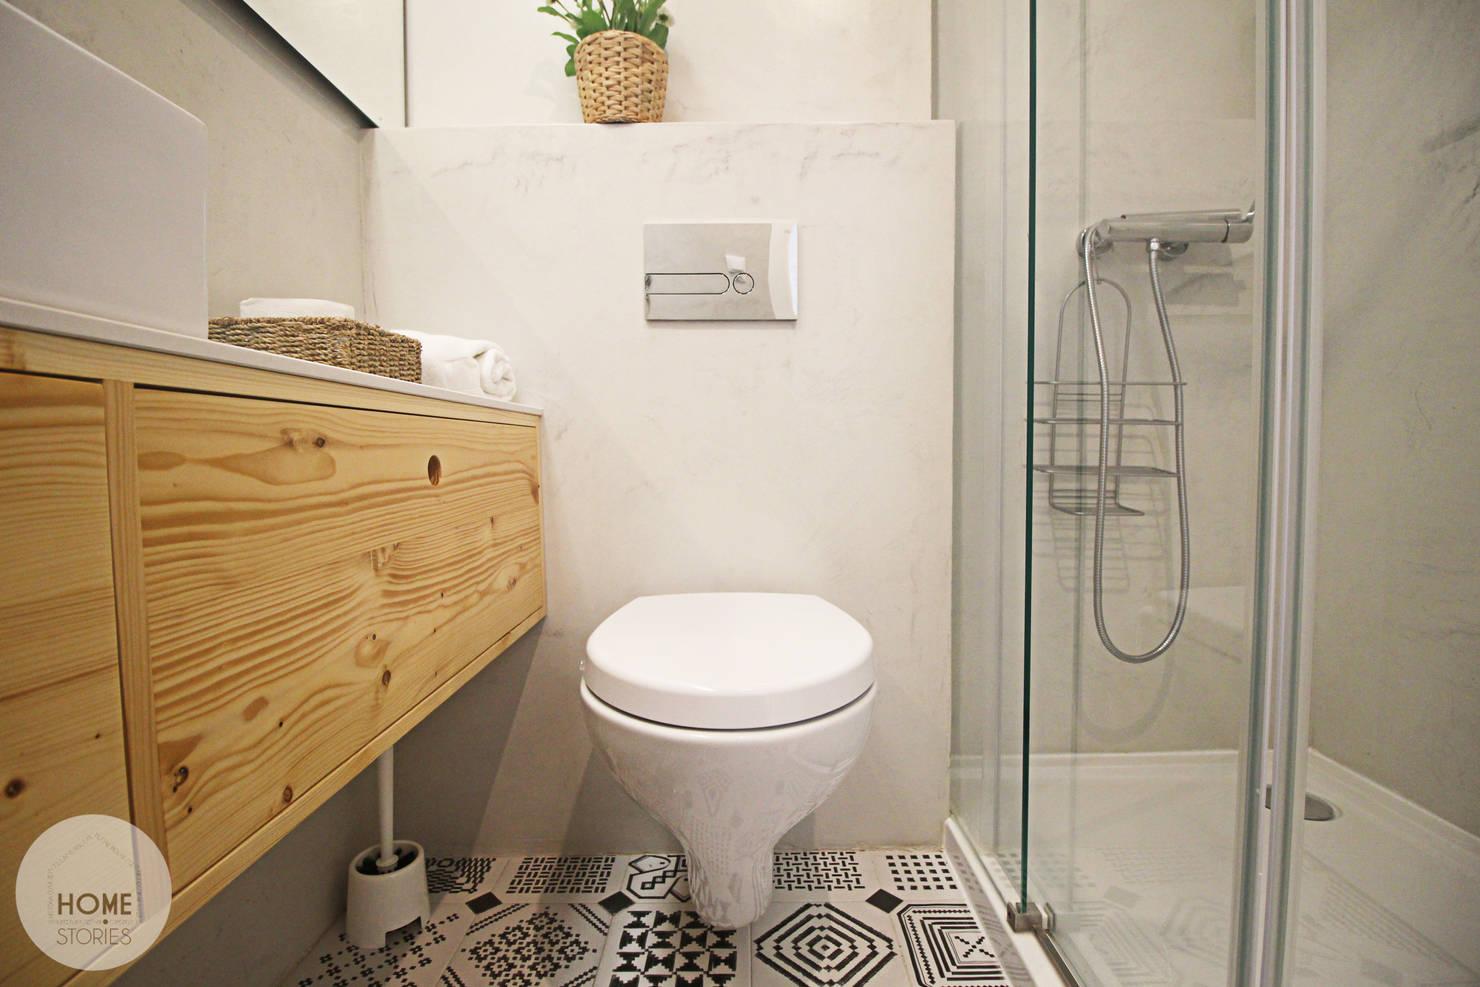 10 baños pequeños que te inspirarán a mejorar el tuyo